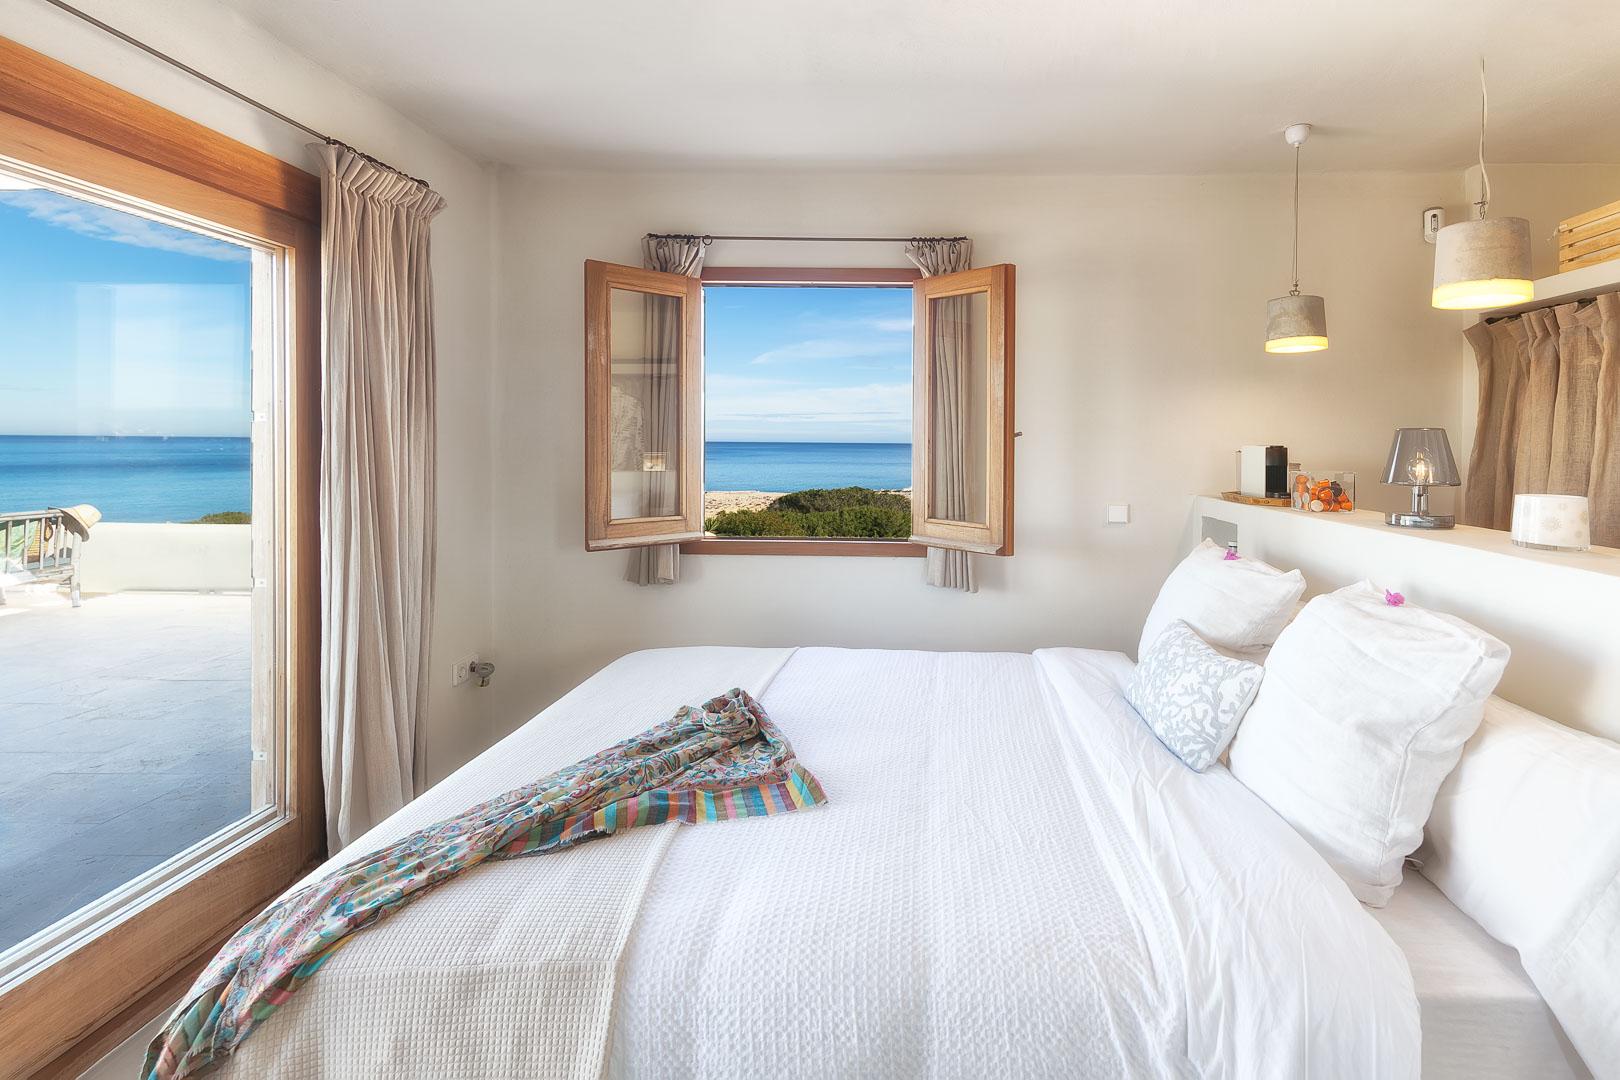 Fotografía real estate profesional del interior del dormitorio en casa de campo en Formentera